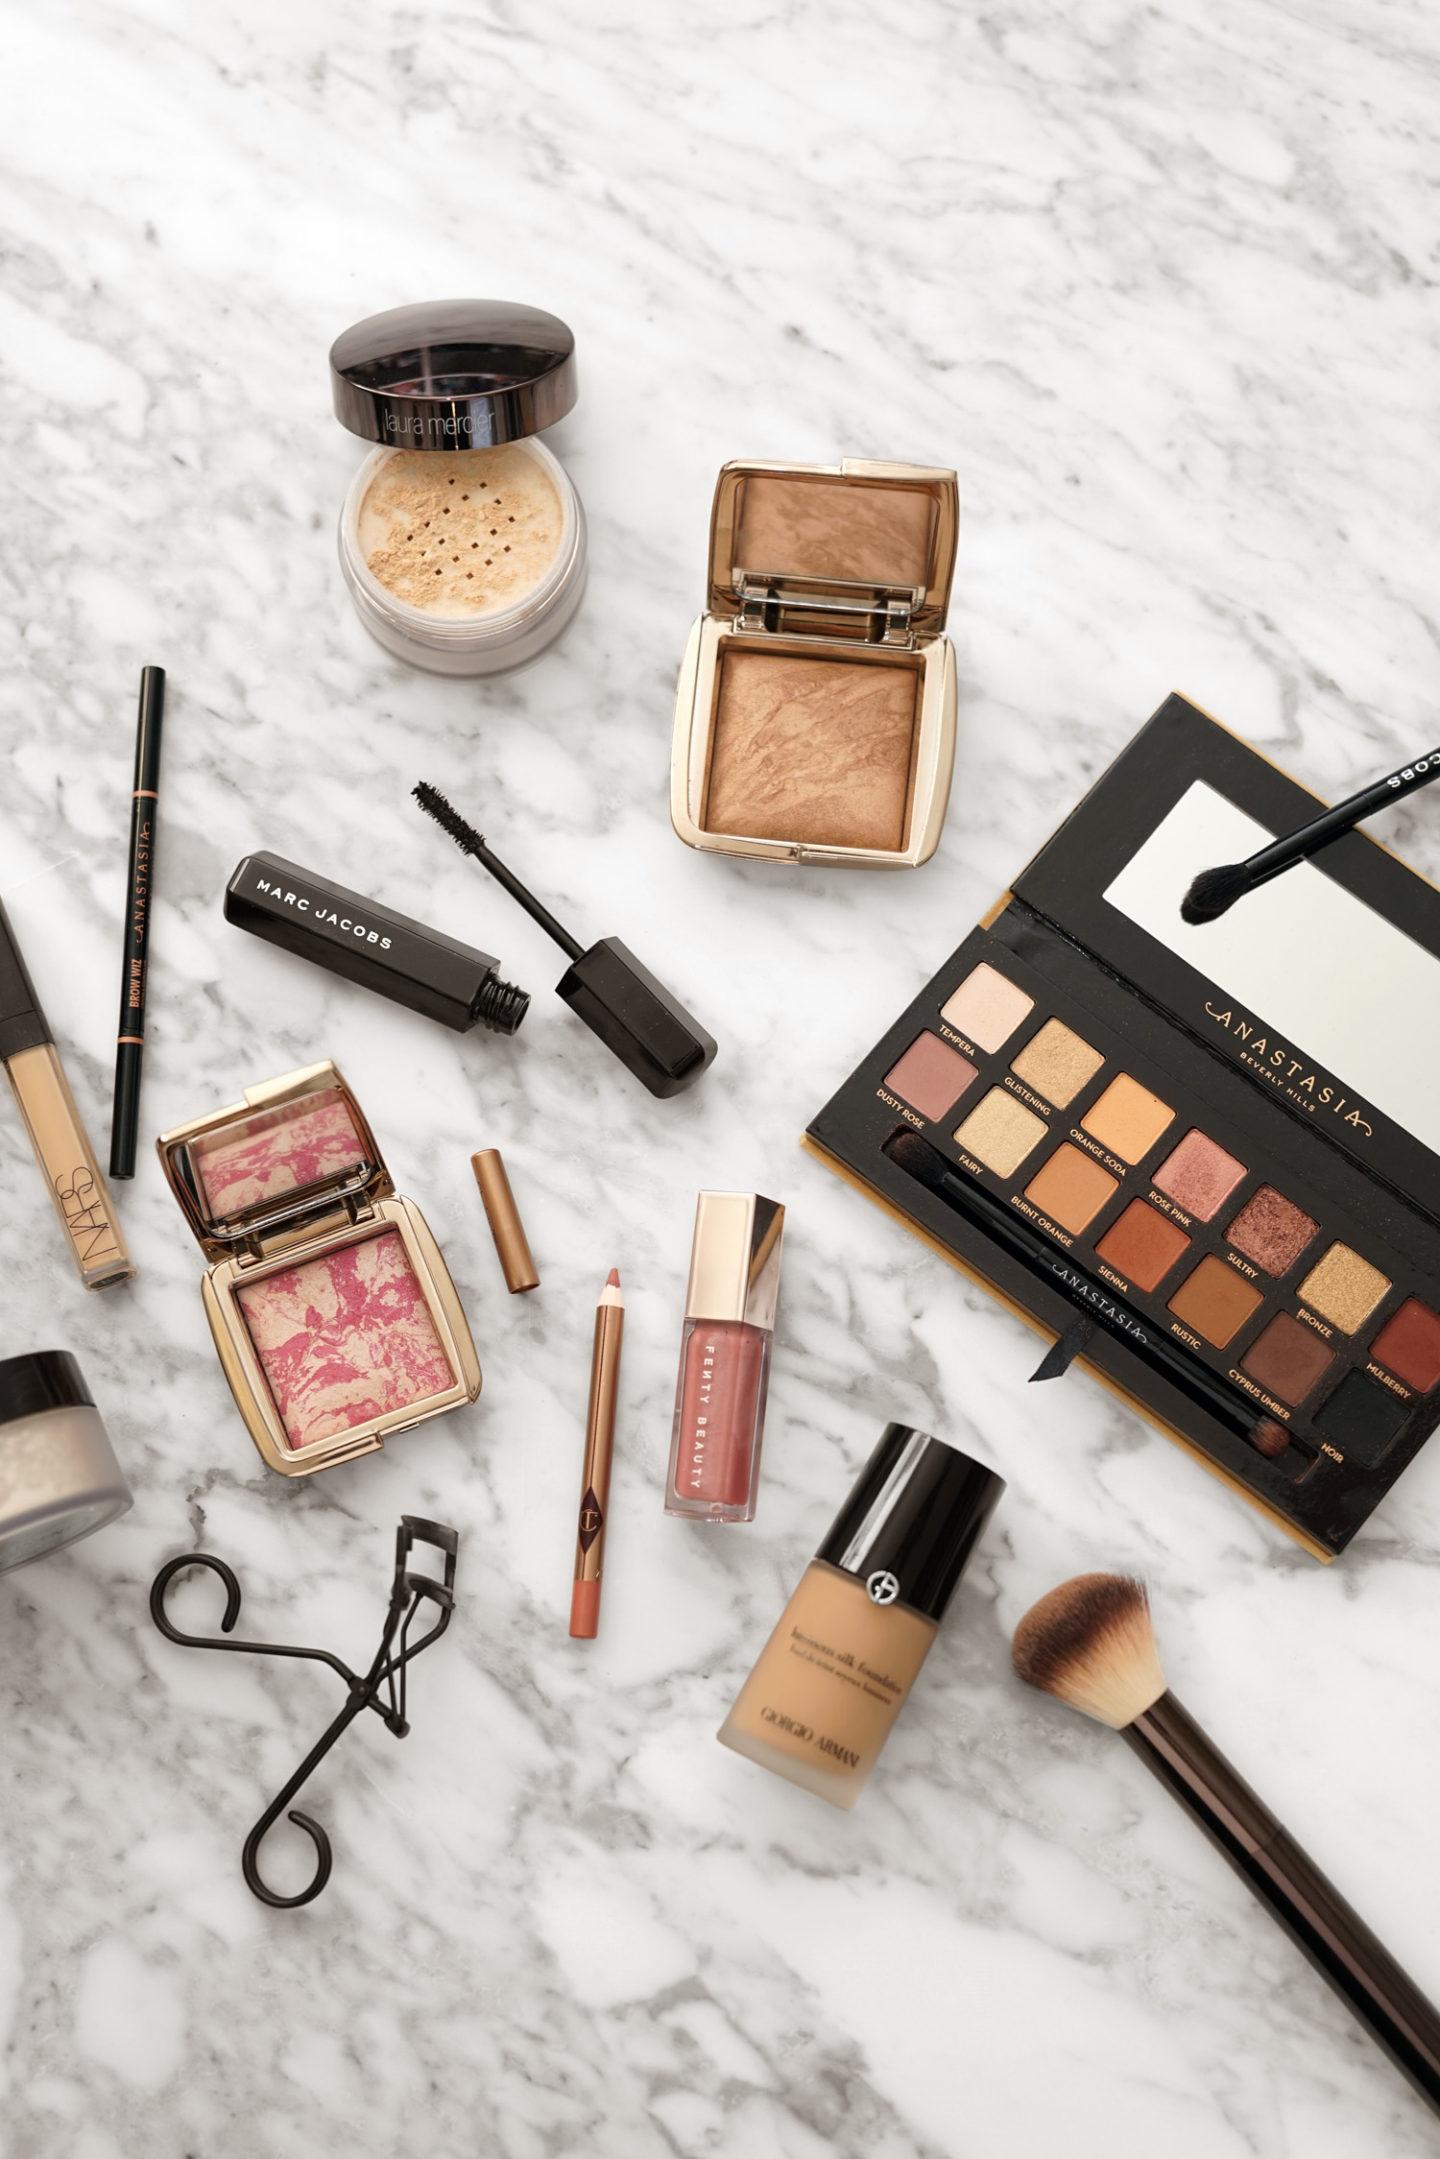 Soft Glam Glowy Makeup avec Anastasia Soft Glam, bronzier à éclairage ambiant pour sablier, Fenty Gloss Bomb Fussy | Le look book beauté